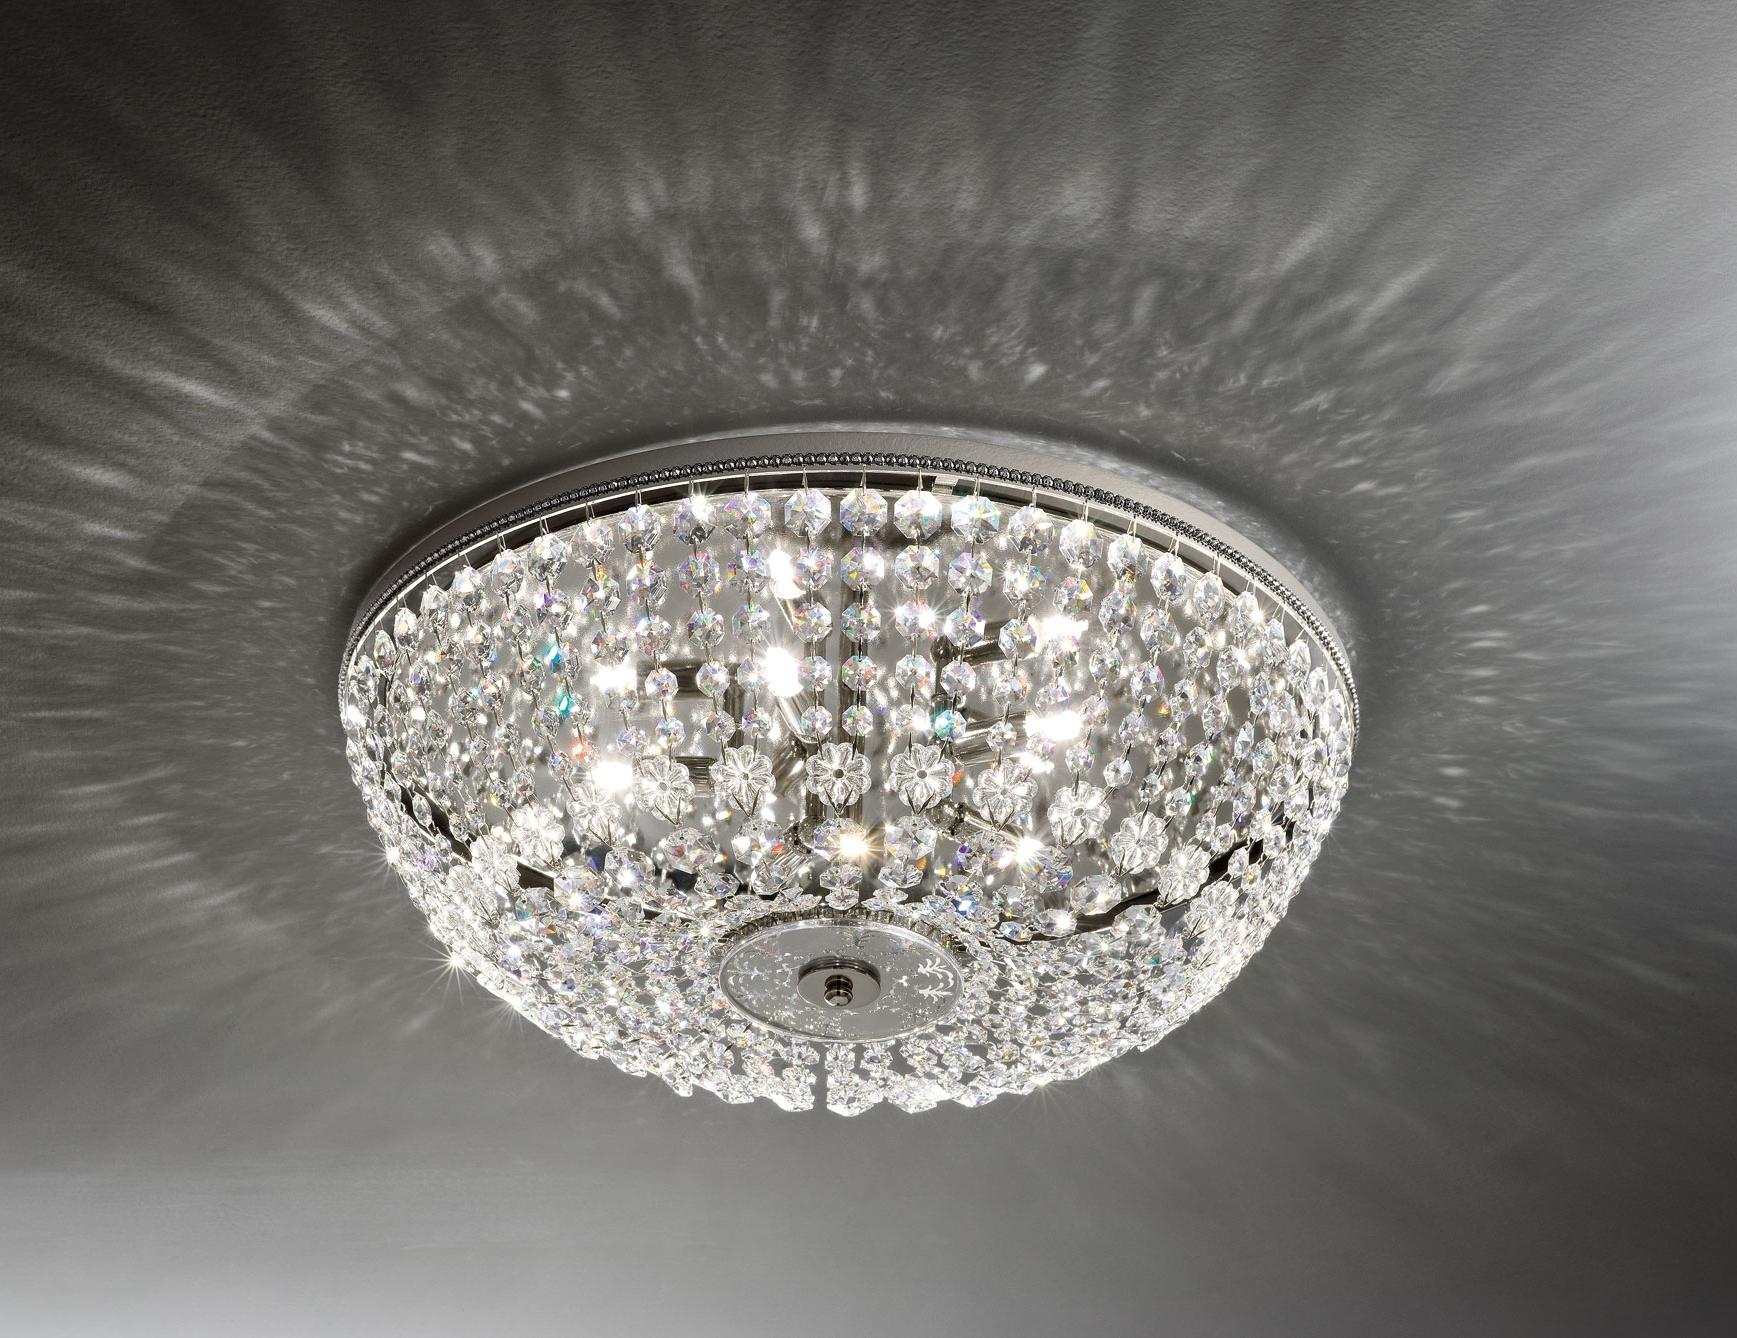 Recent Bathroom Lighting Chandeliers Regarding Light Fixture : Small Chandeliers Ikea Crystal Lighting City Of (View 12 of 15)